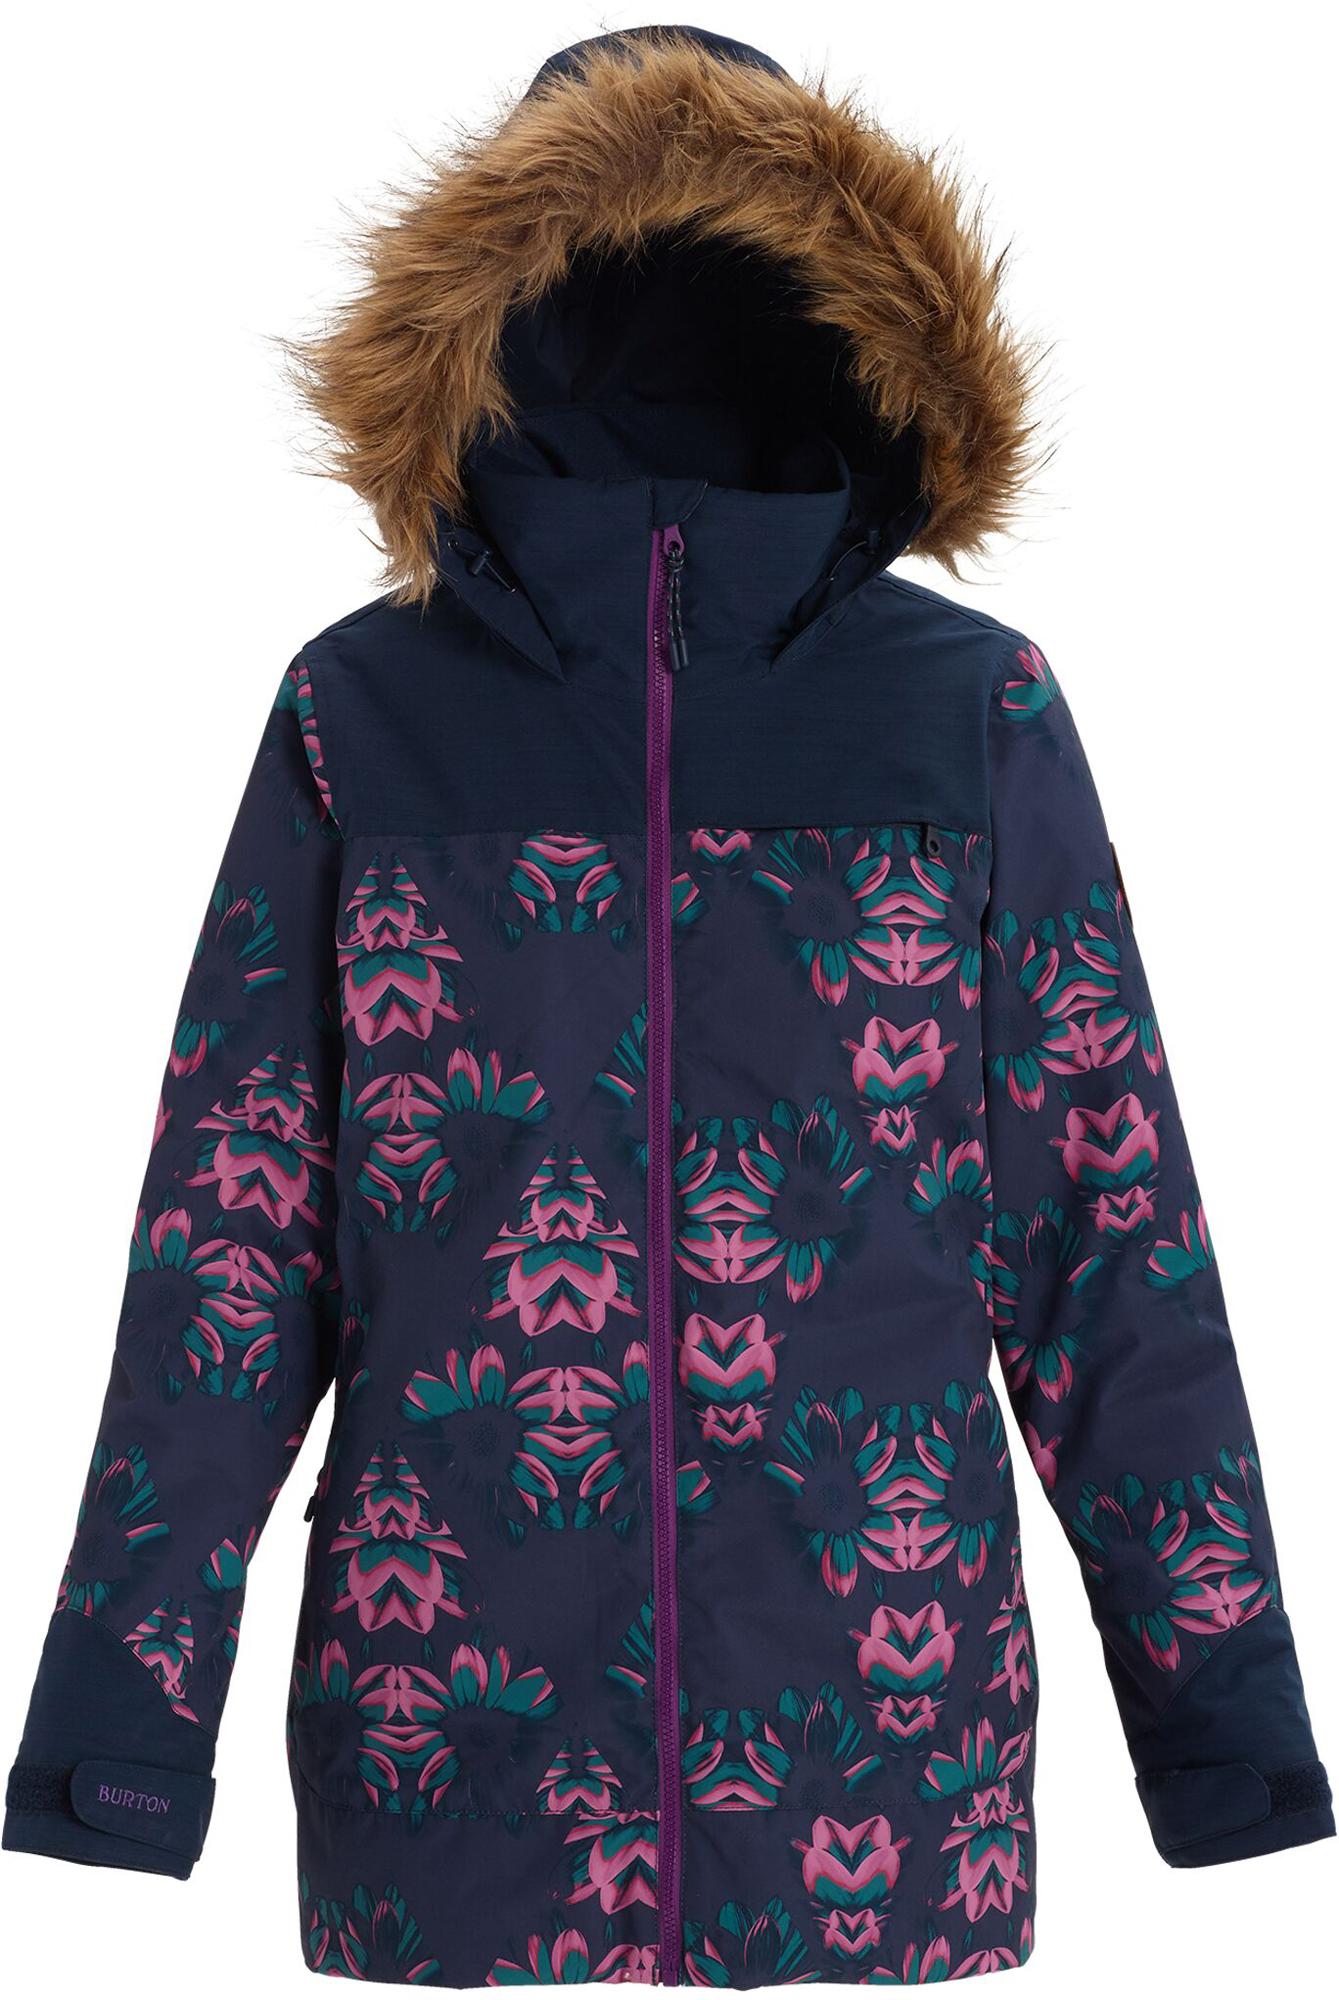 купить Burton Куртка утепленная женская Burton Lelah, размер 48-50 по цене 18699 рублей